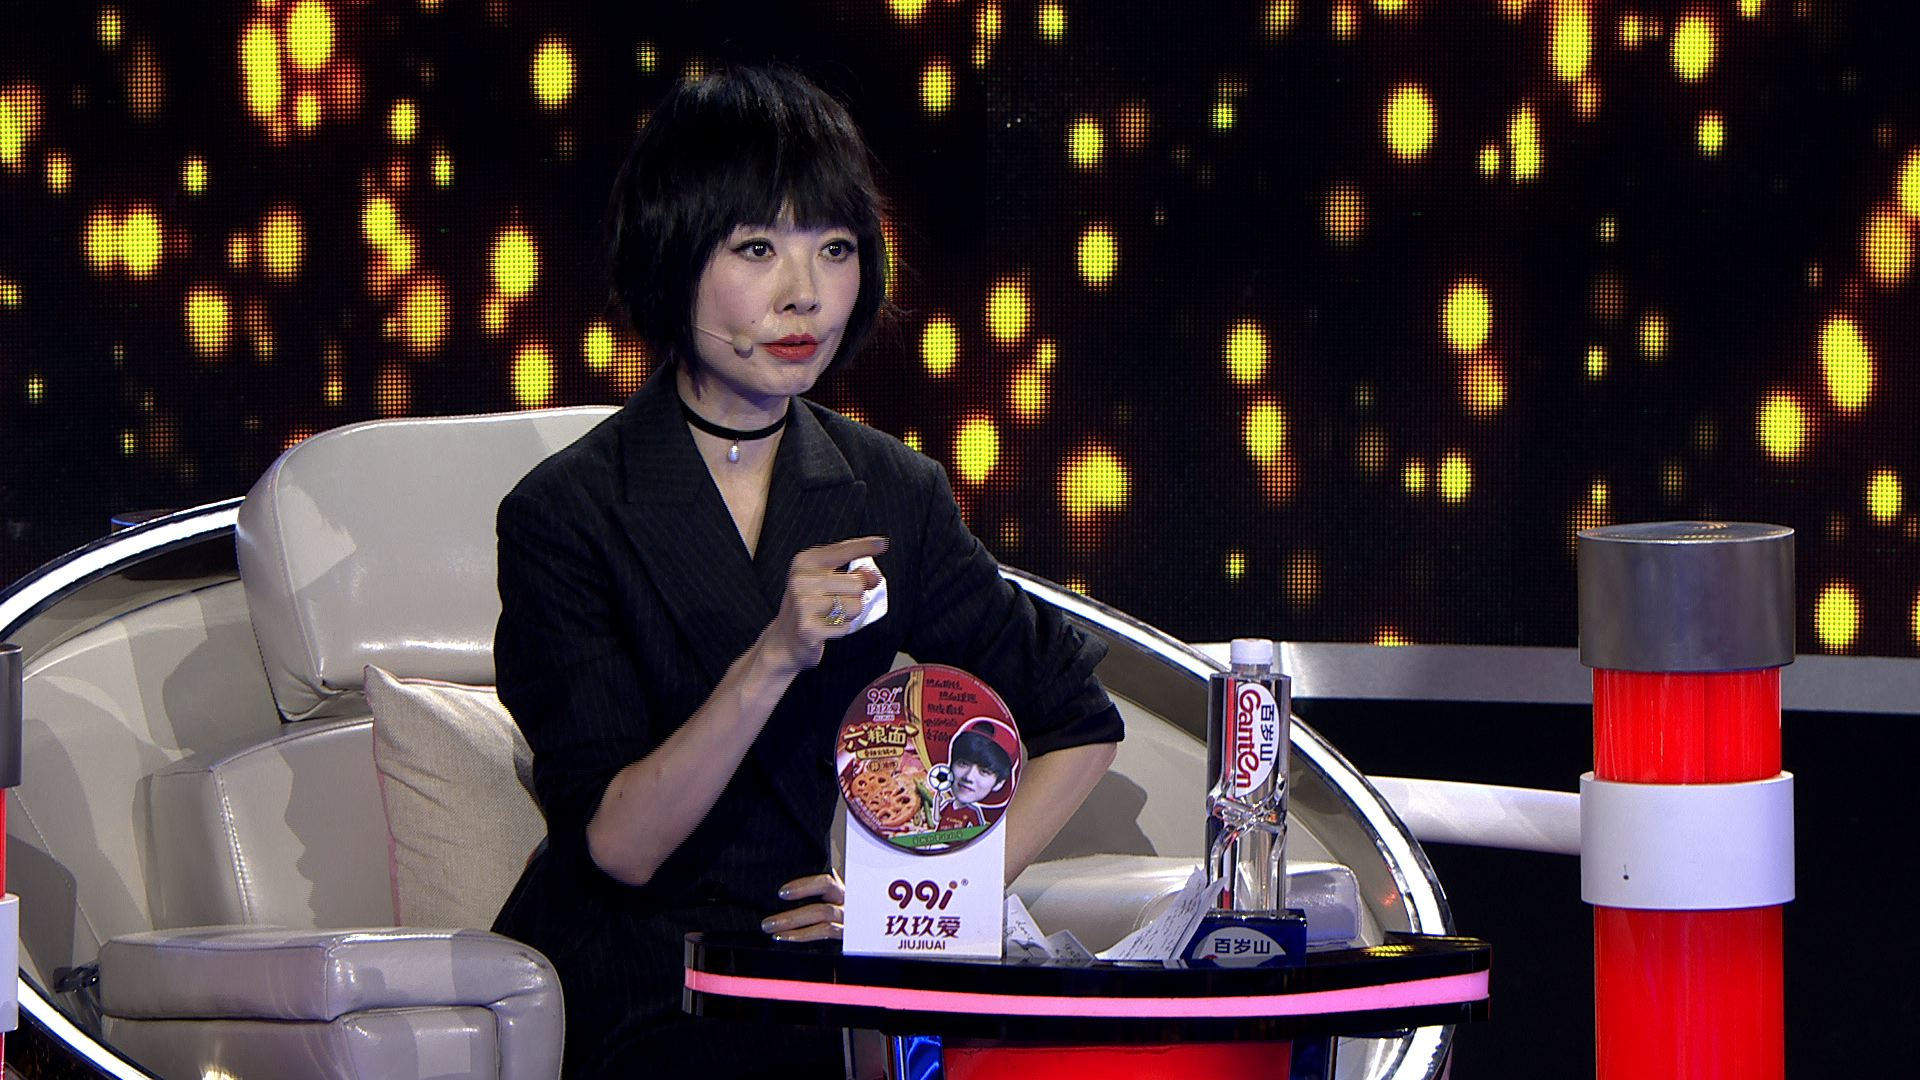 鲁豫减龄发型撞脸郭碧婷 乐嘉谏言团火药味渐浓